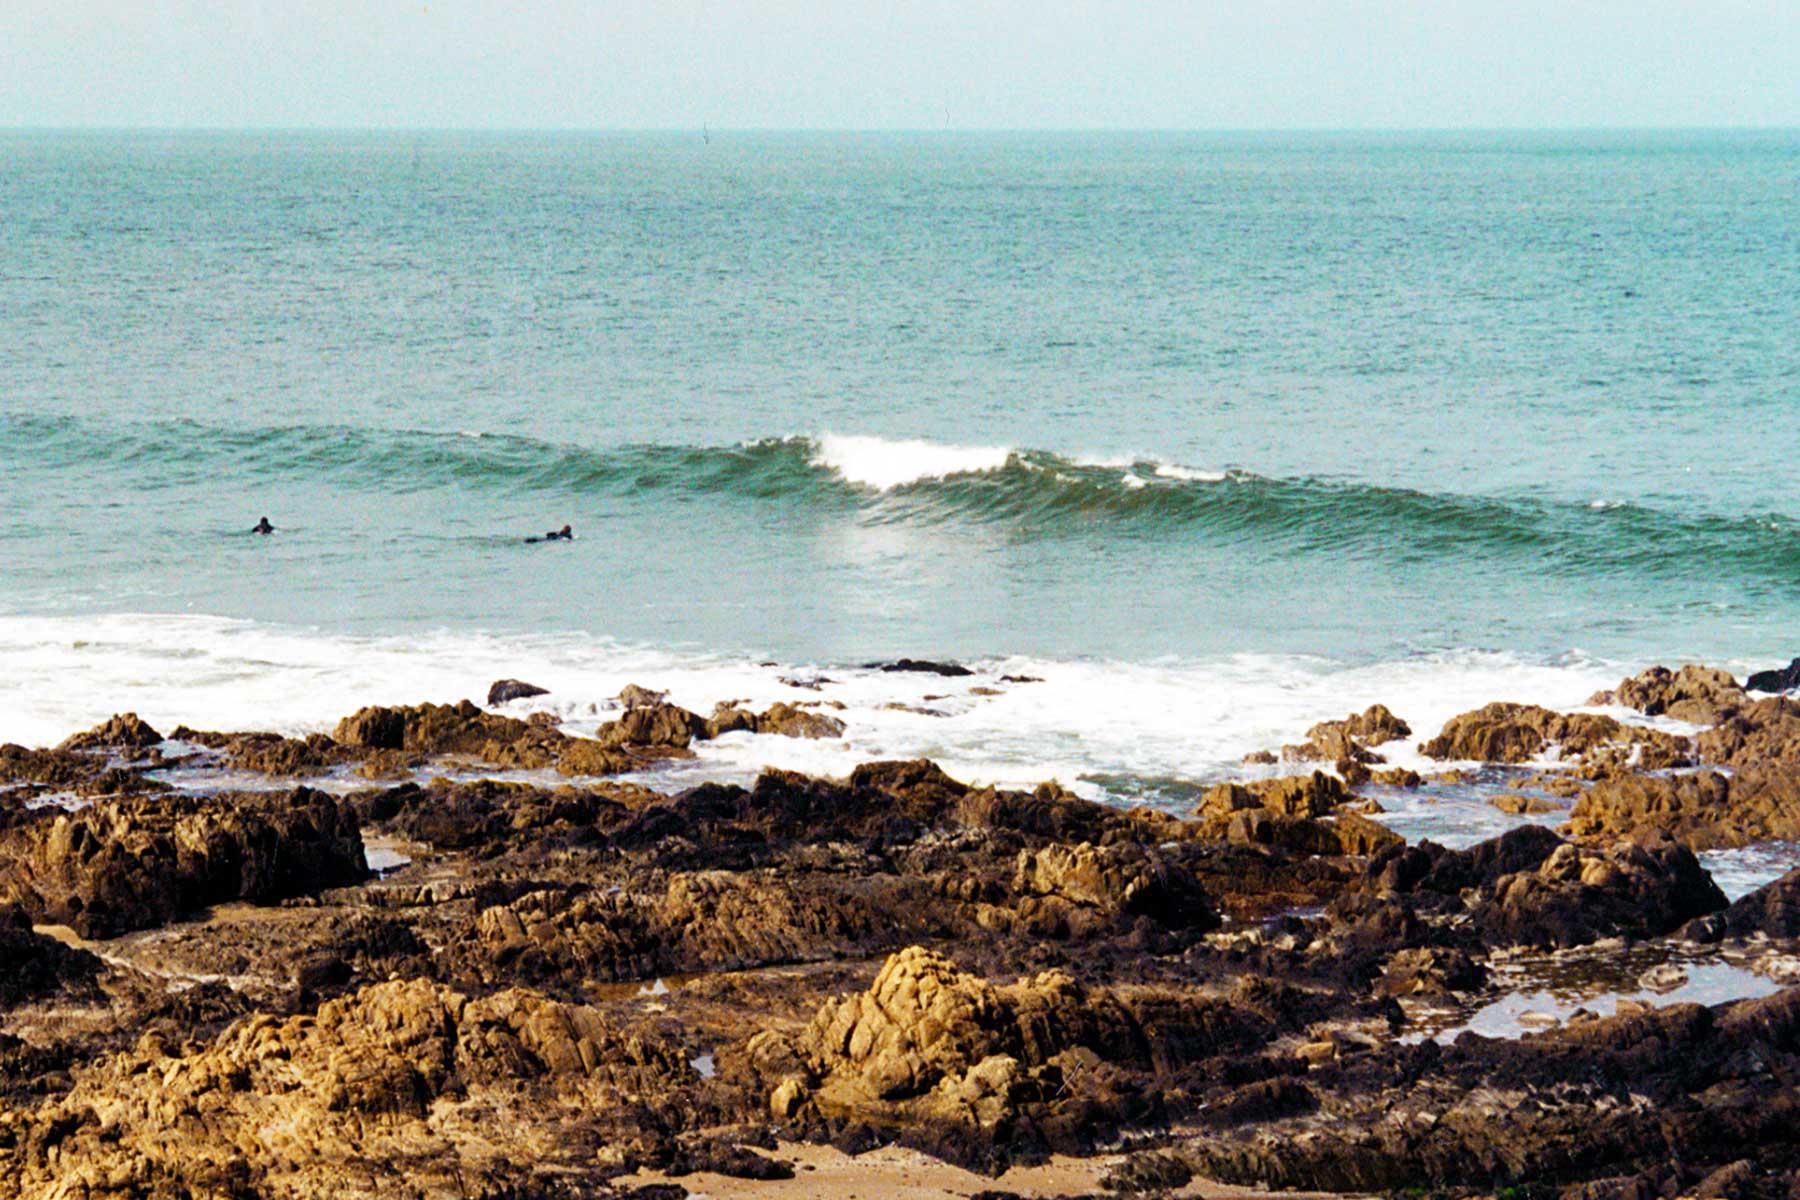 Uruguay   Surfing   Steven Andrew Martin   South America   Travel Journal   Dr Steven Martin